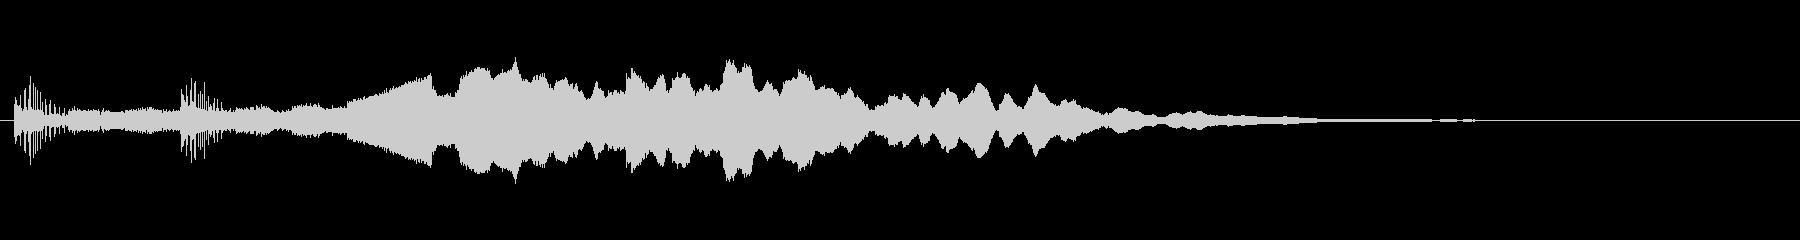 【サウンドロゴ】高級感のあるワンフレーズの未再生の波形